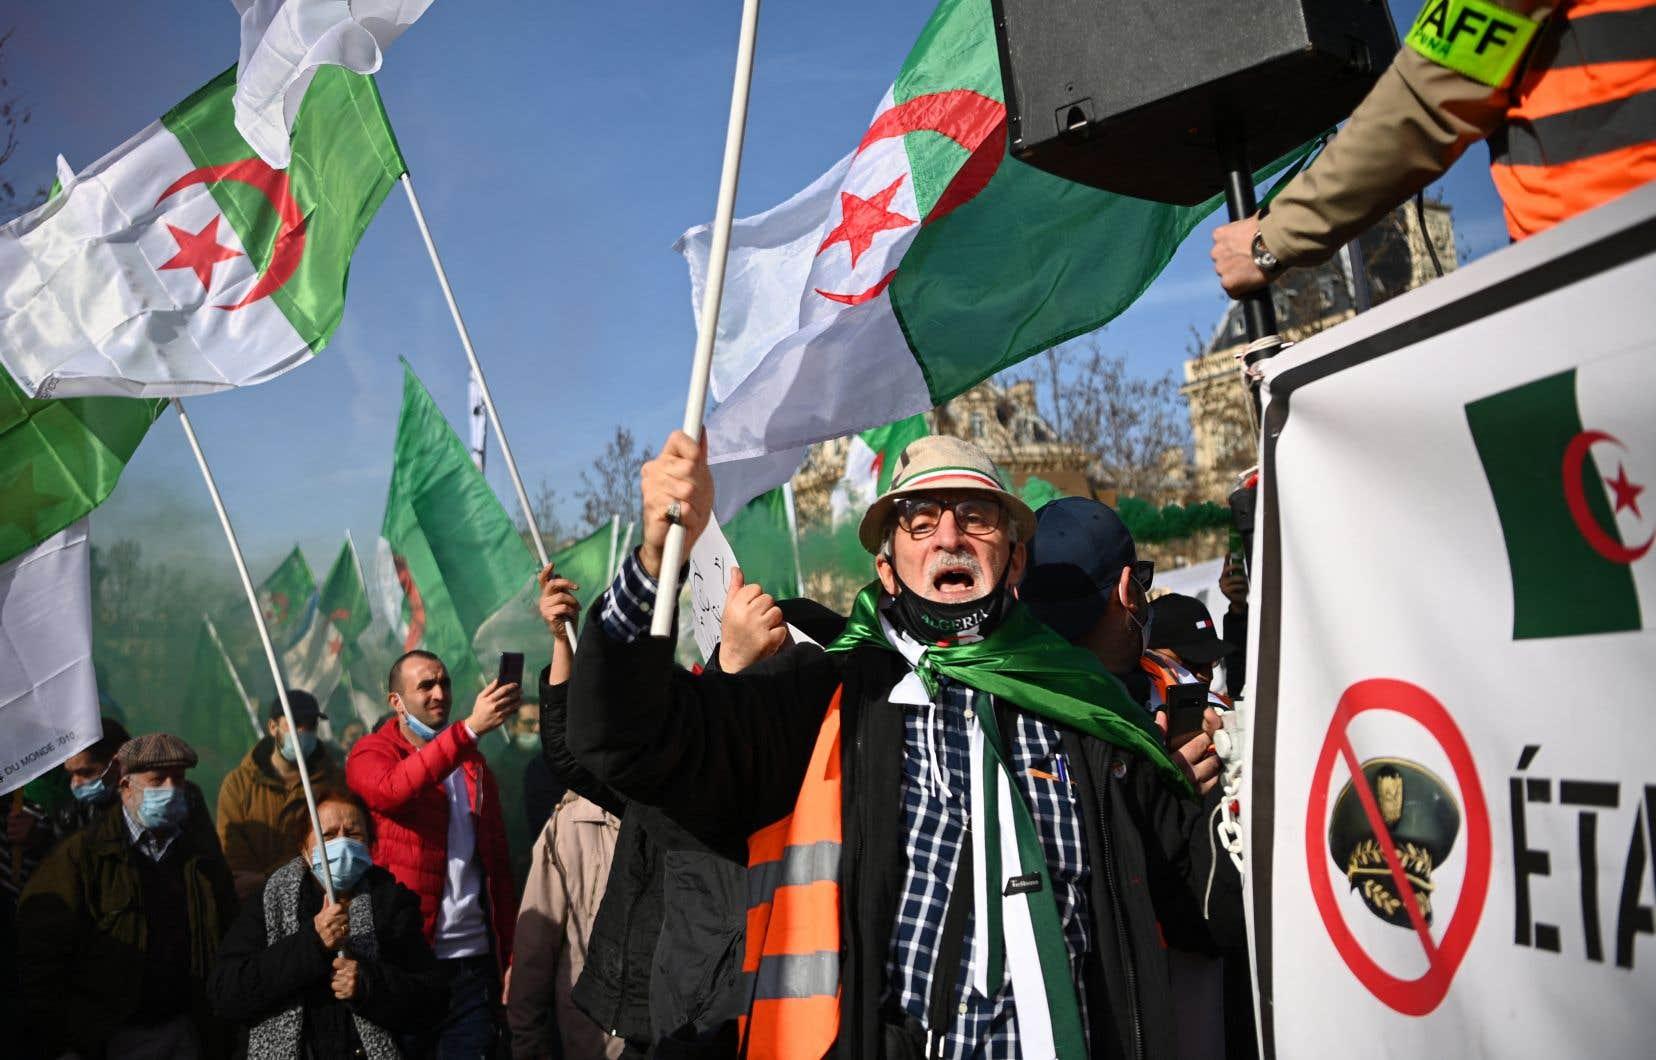 Plusieurs centaines de manifestants se sont réunis dimanche à Paris, enFrance, pour notamment réclamer un «changement radical» du système politique en Algérie.